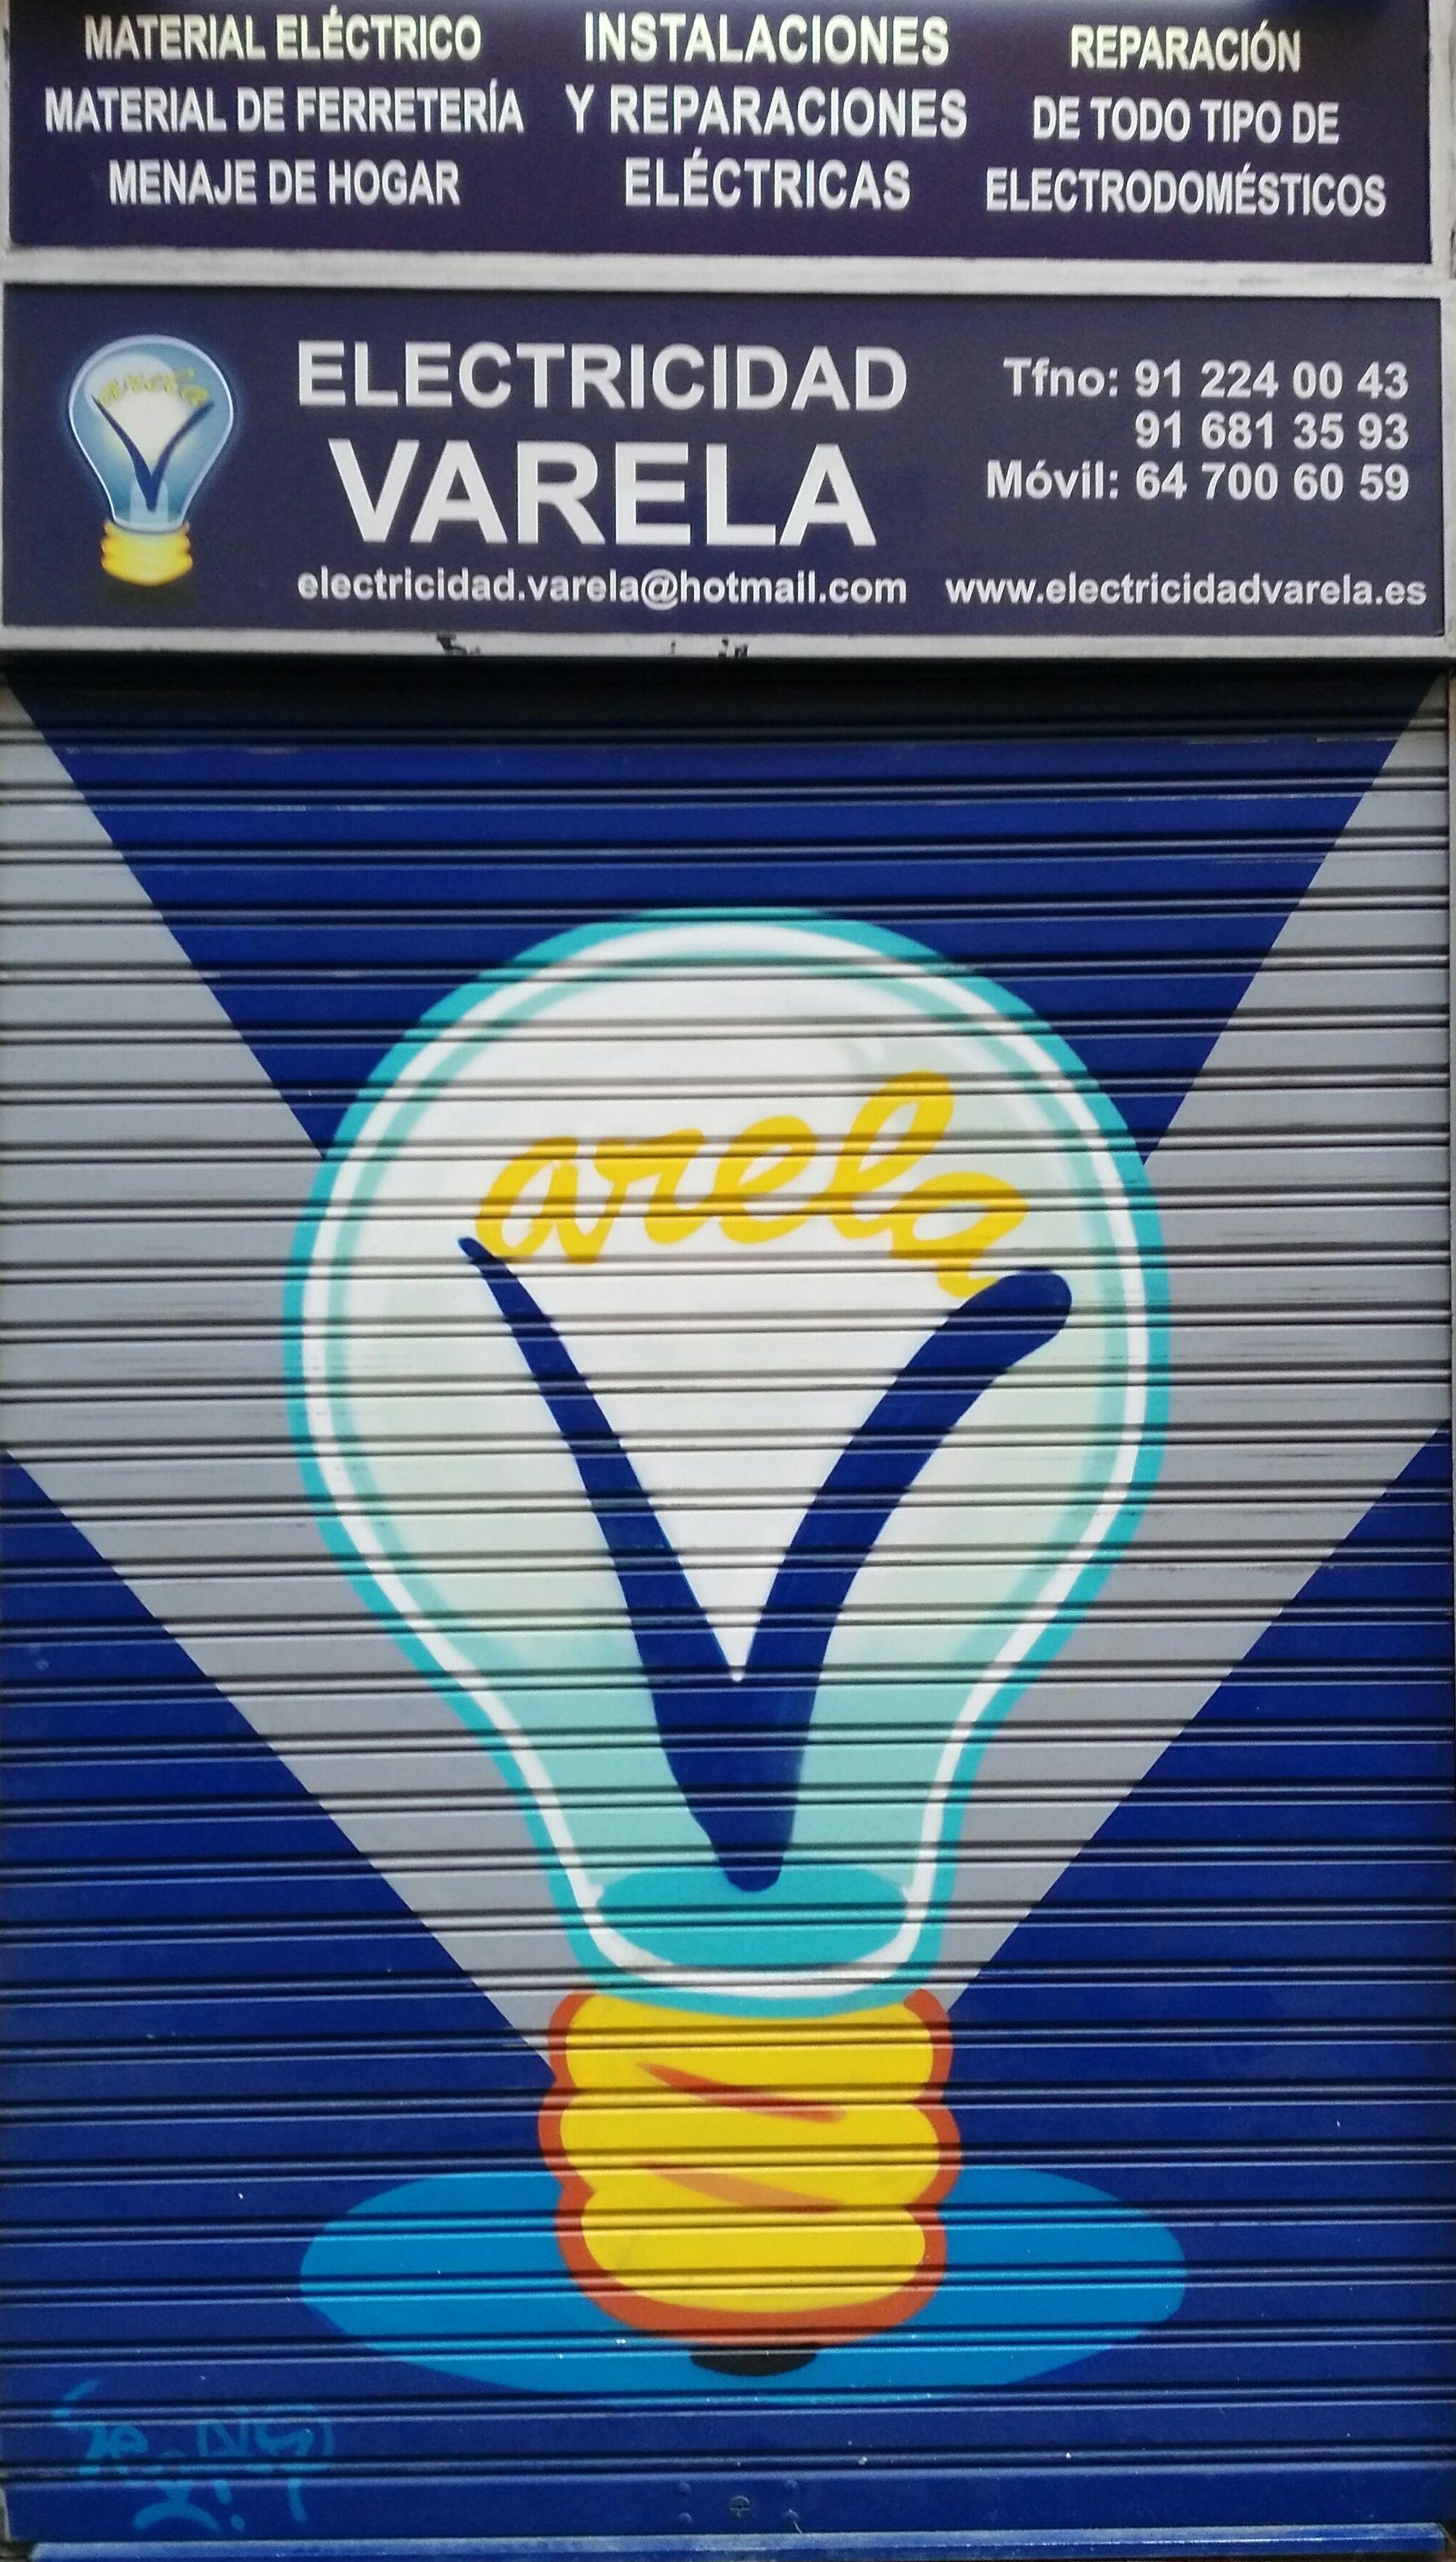 Foto 1 de Electricidad en Madrid | Electricidad Varela